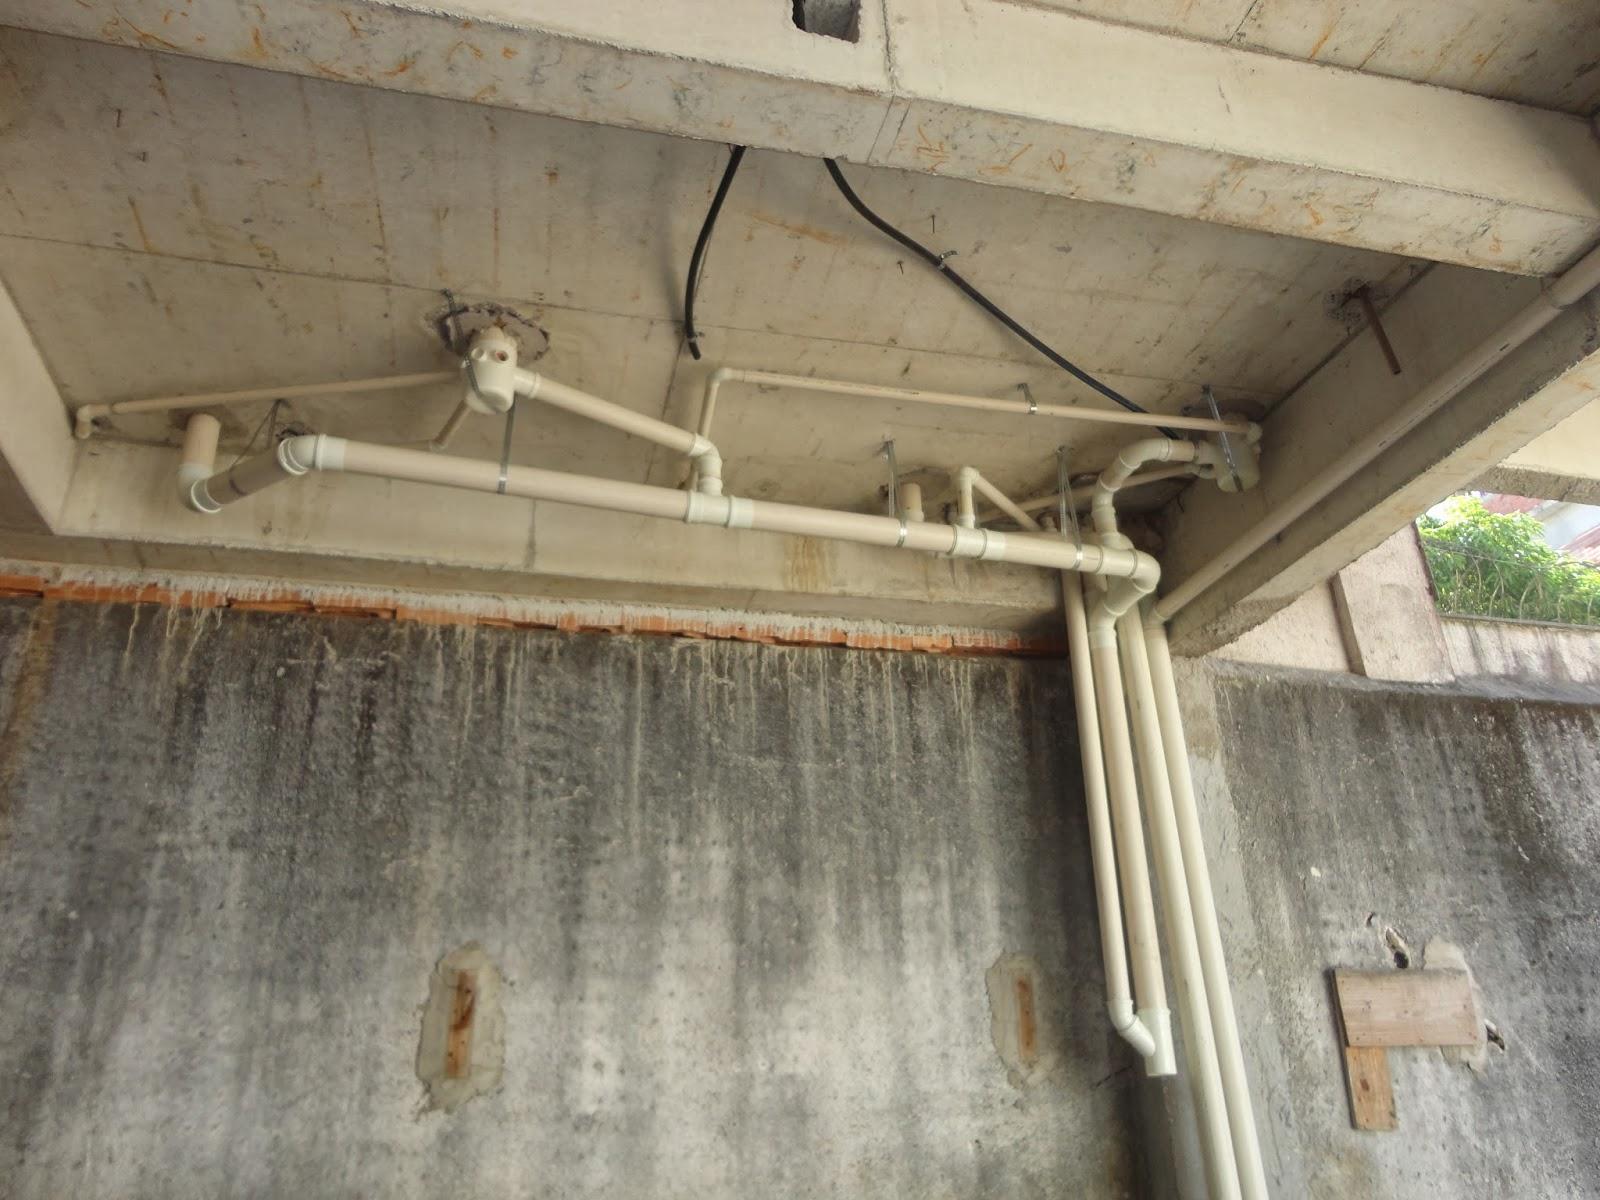 Fechamento instalação de esgoto e sanitário teto do térreo do BL  #90623B 1600 1200